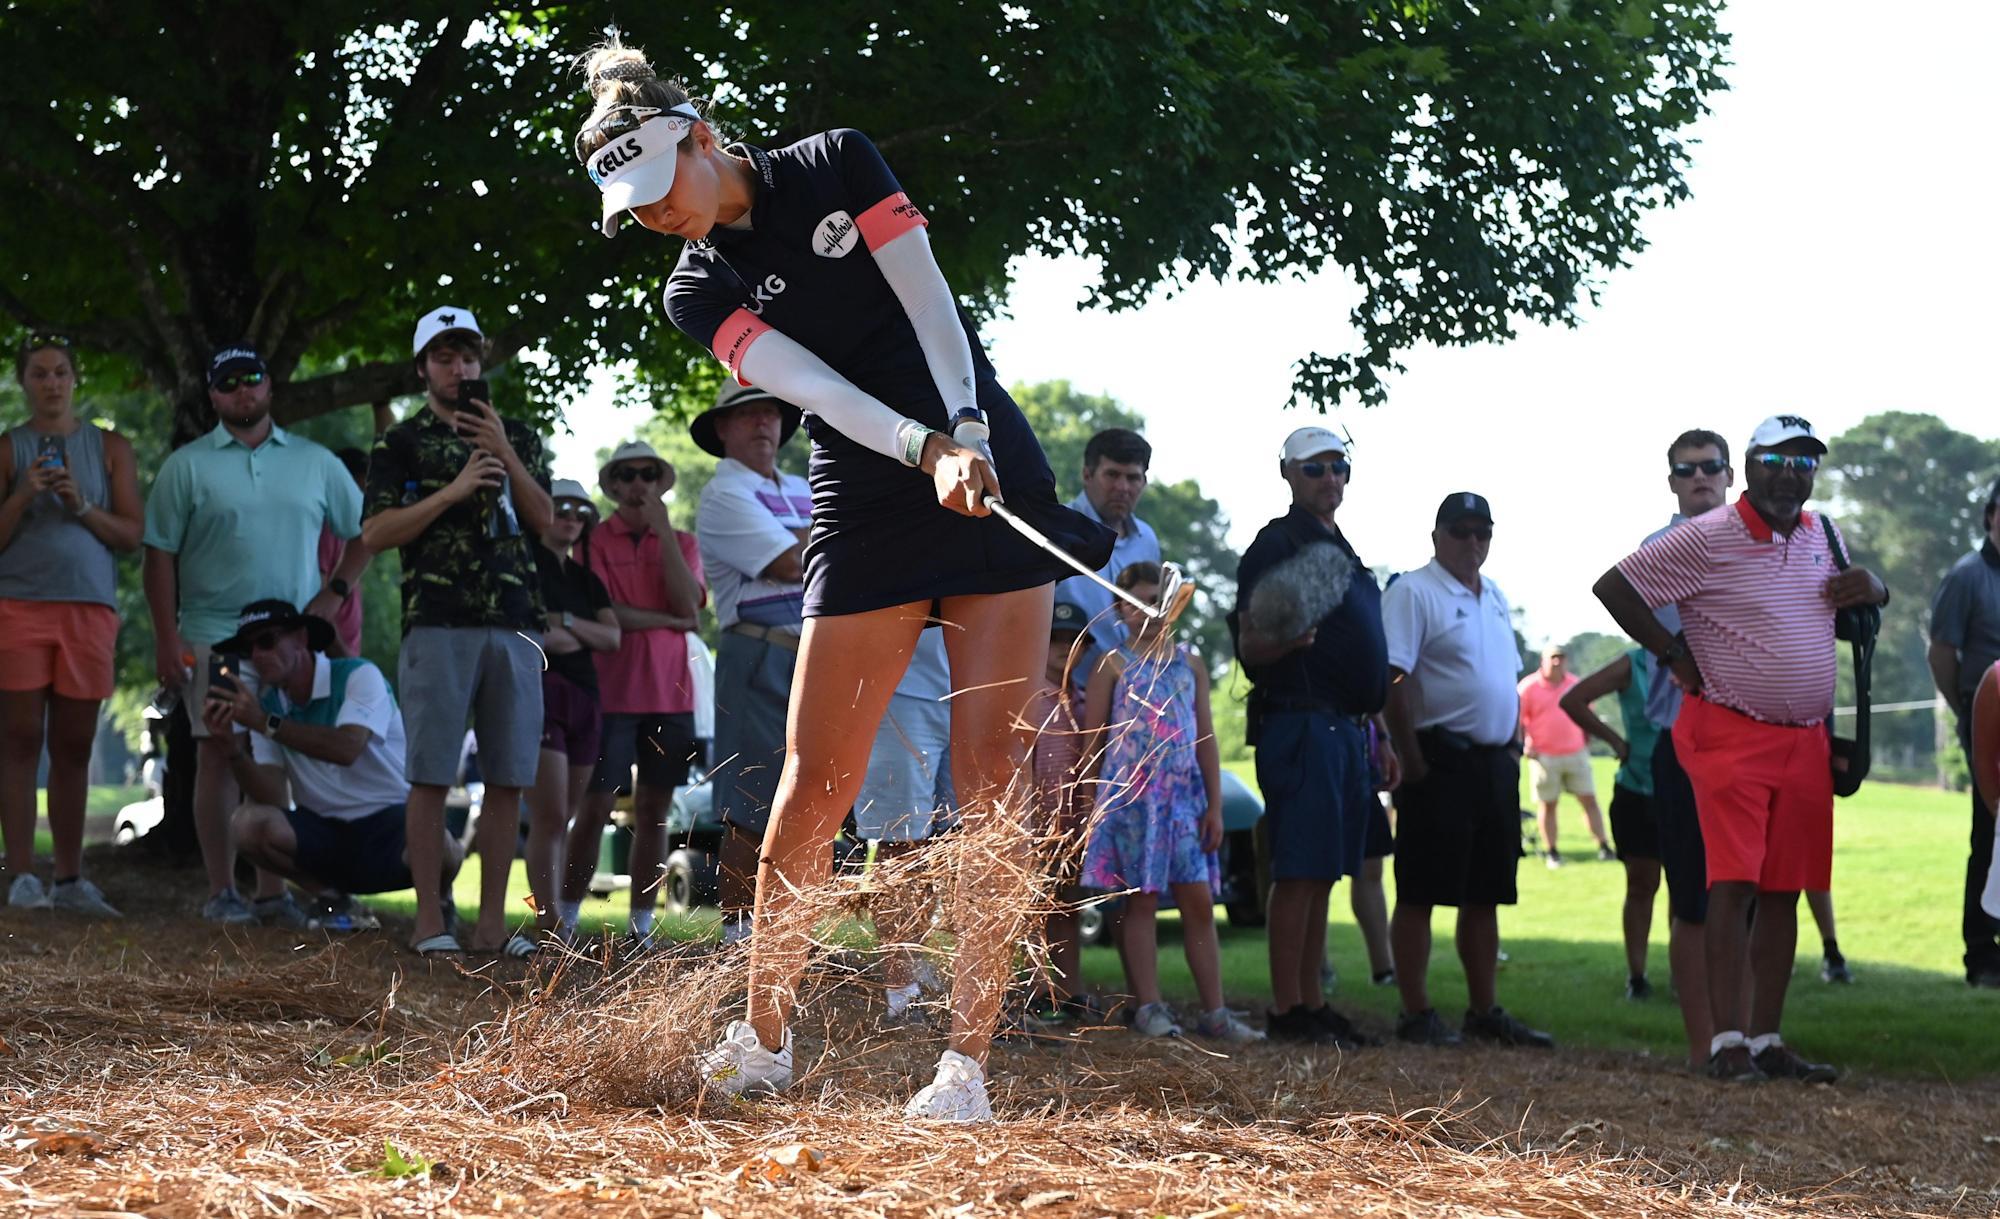 Nelly Korda cierra con seis birdies consecutivos, logra un récord de 63 para liderar la PGA femenina de KPMG